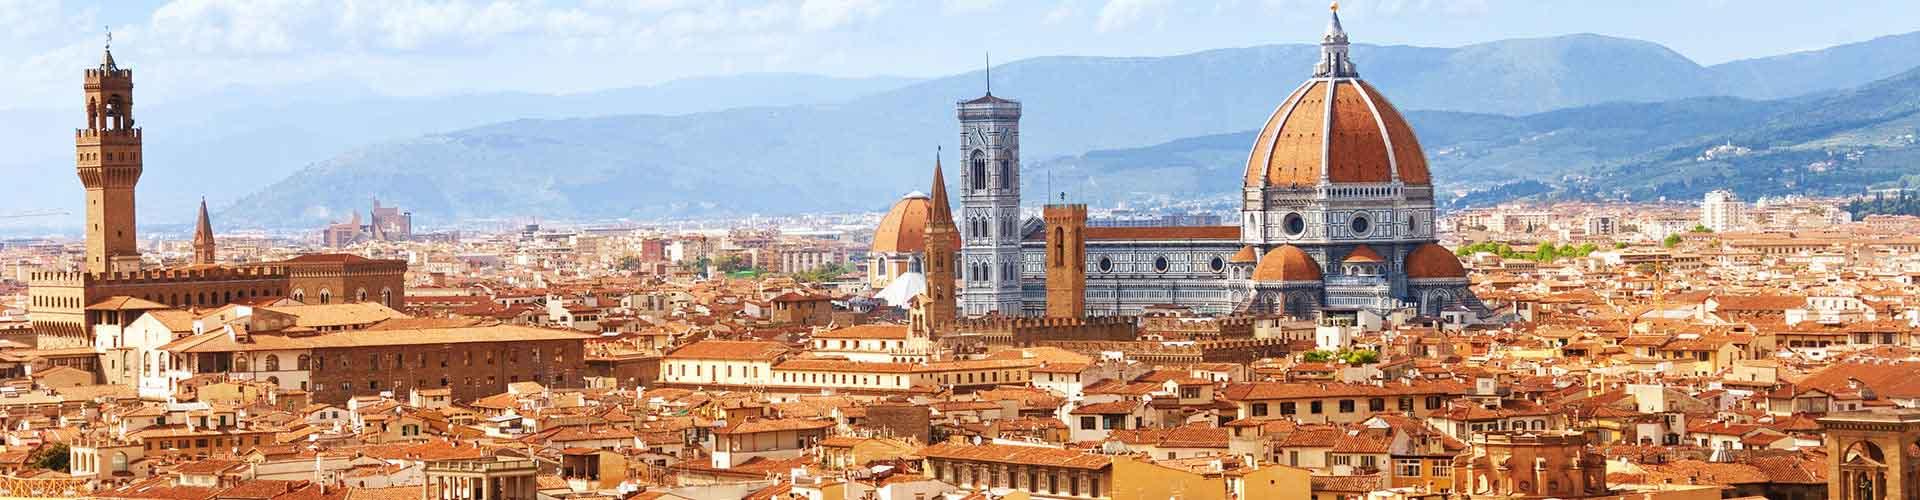 Florencja - Hostele w pobliżu: Lotnisko Peretola. Mapy: Florencja, Zdjęcia i Recenzje dla każdego hostelu w mieście: Florencja.